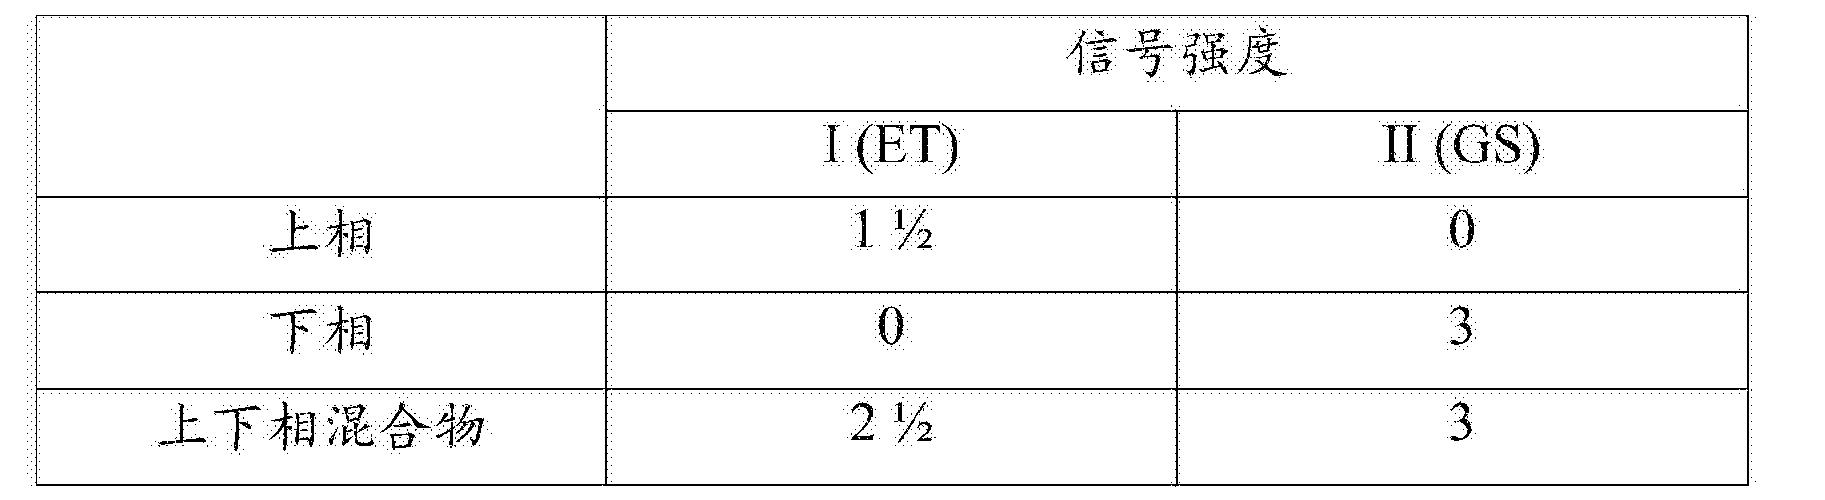 Figure CN102046808BD00501